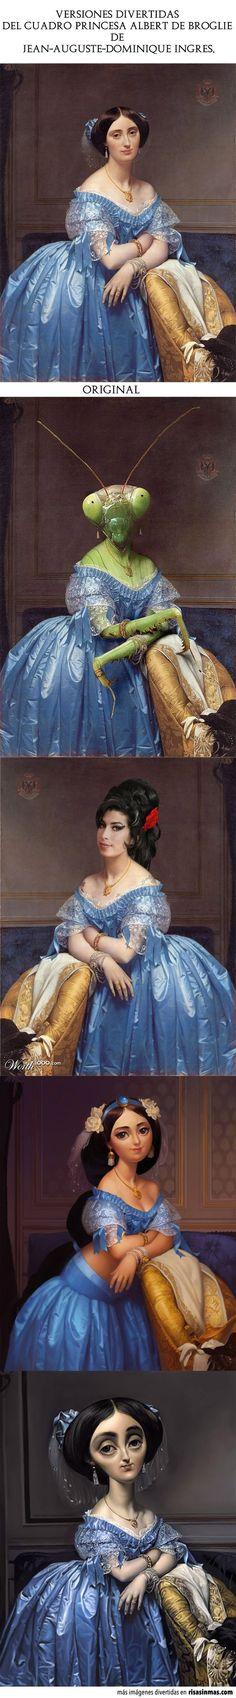 Versiones divertidas del cuadro Princesa Albert de Broglie de Jean-Auguste-Dominique Ingres.